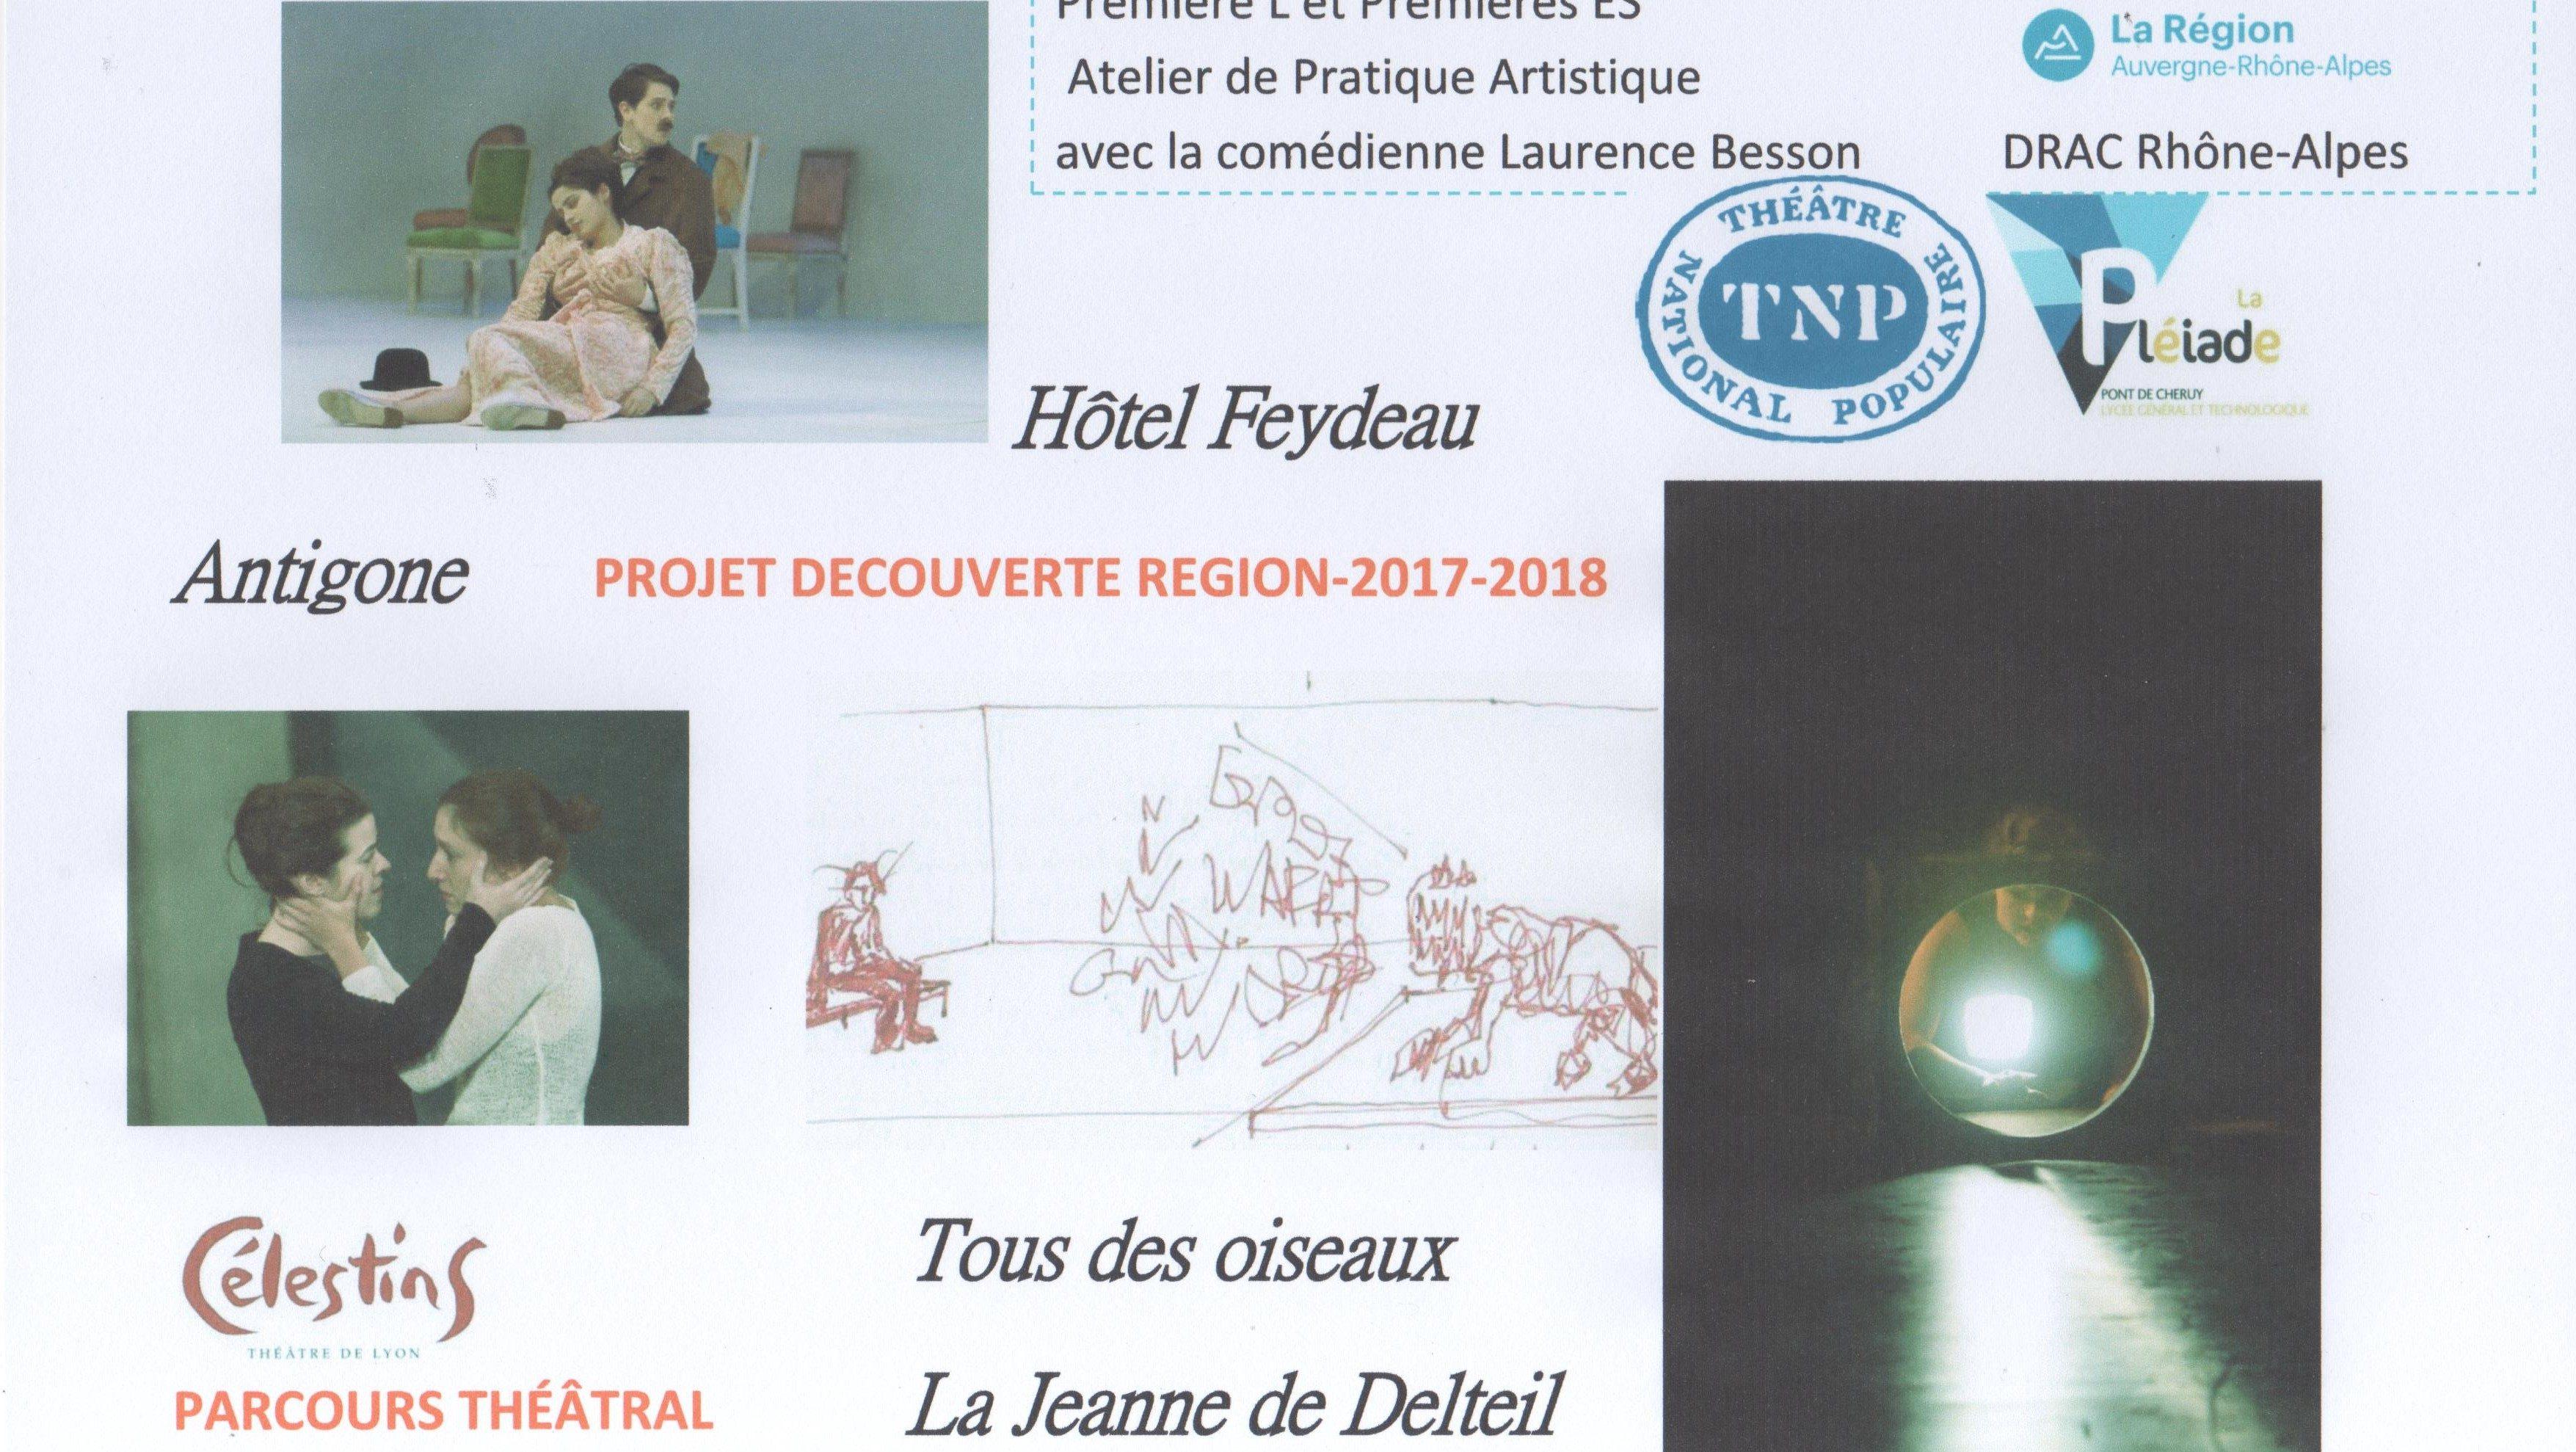 Parcours théâtral projet Découverte Région 2017-2018